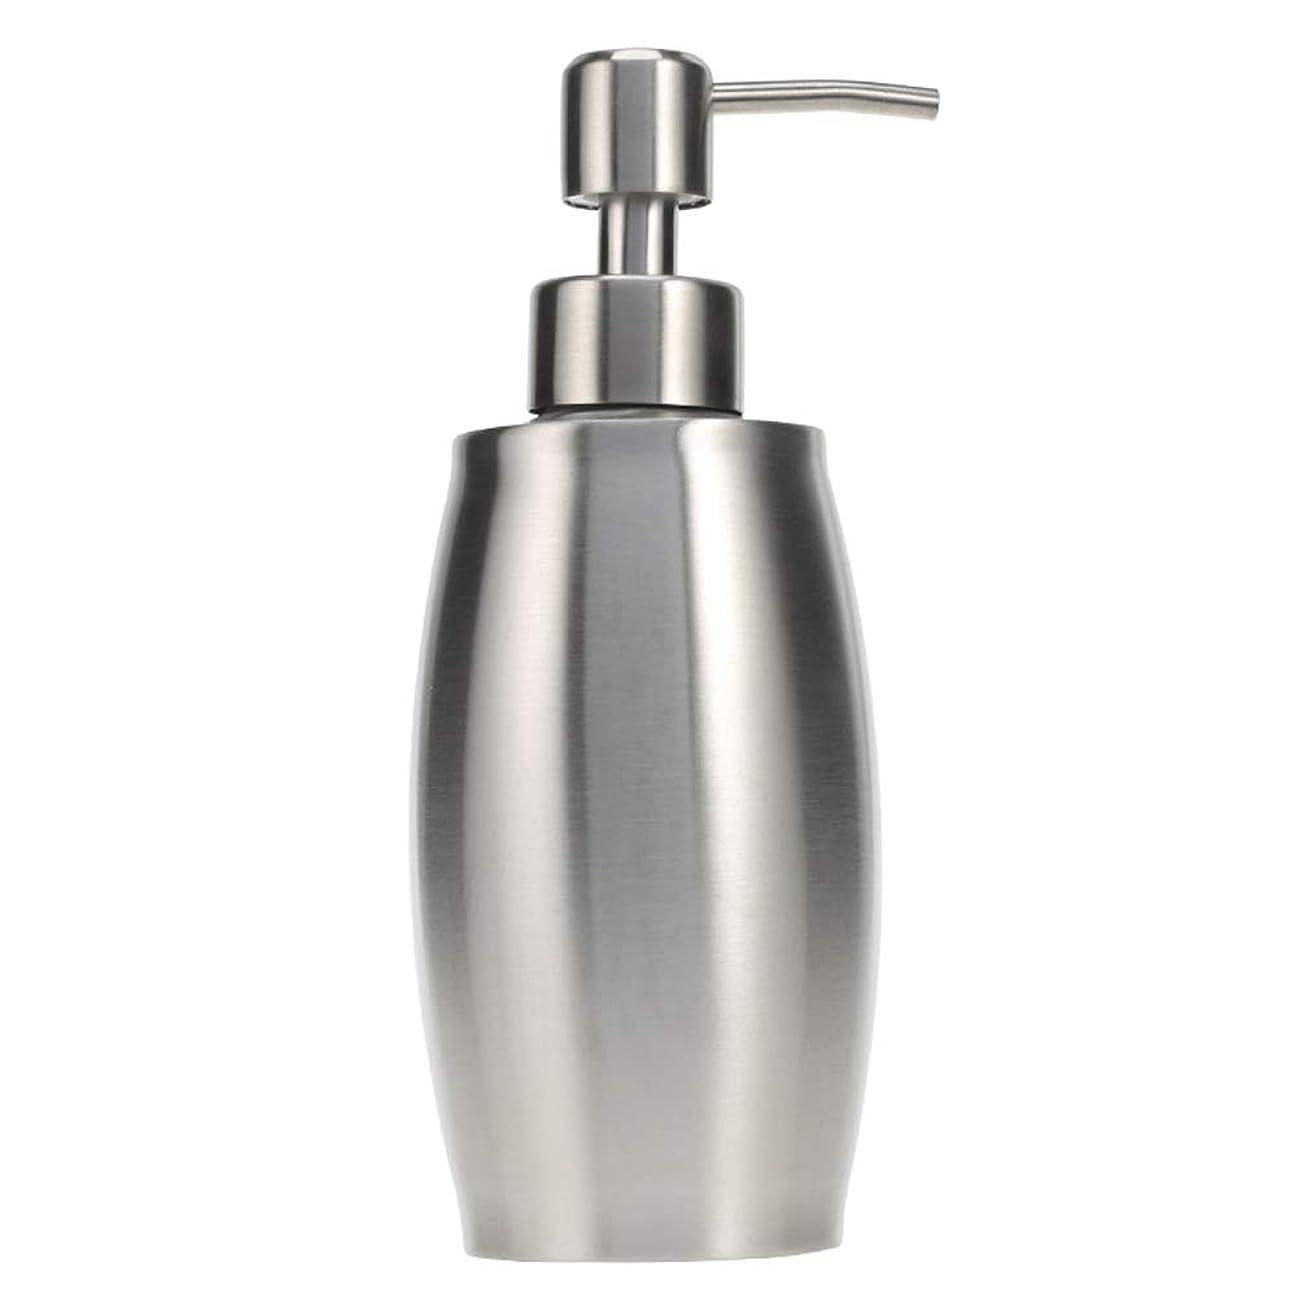 有名早めるもつれソープ ポンプ シャンプーディスペンサー 手洗いボトル 泡 ステンレス製 350ml 防錆 シャワージェル 石鹸 シャンプー 洗剤 キッチン バスルーム トイレ 洗剤容器 (シルバー)